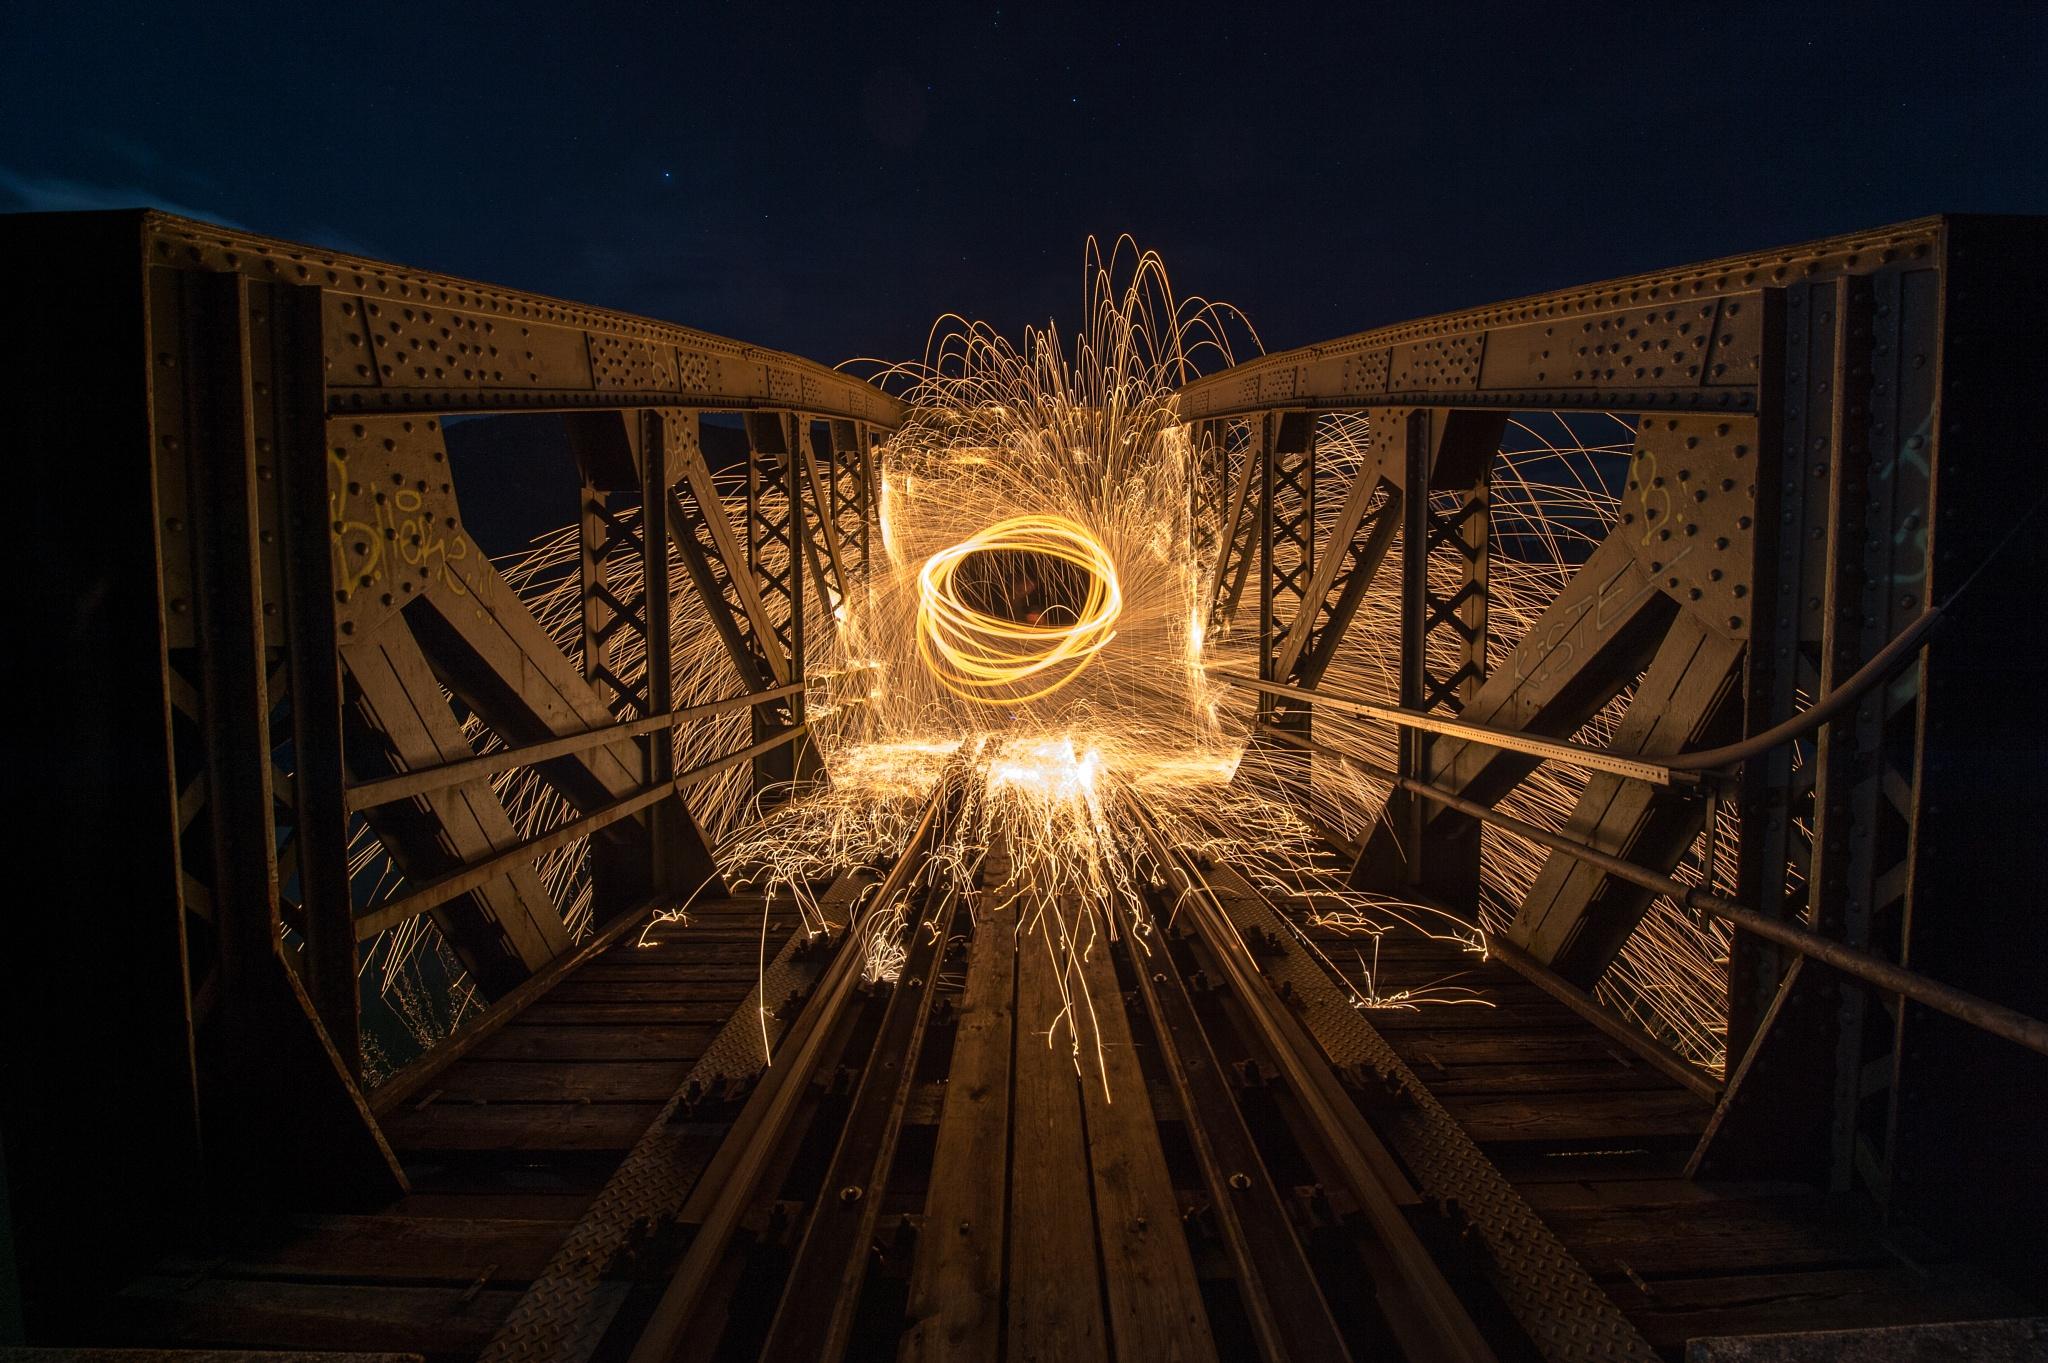 Burning steelwool by Alex Mandl